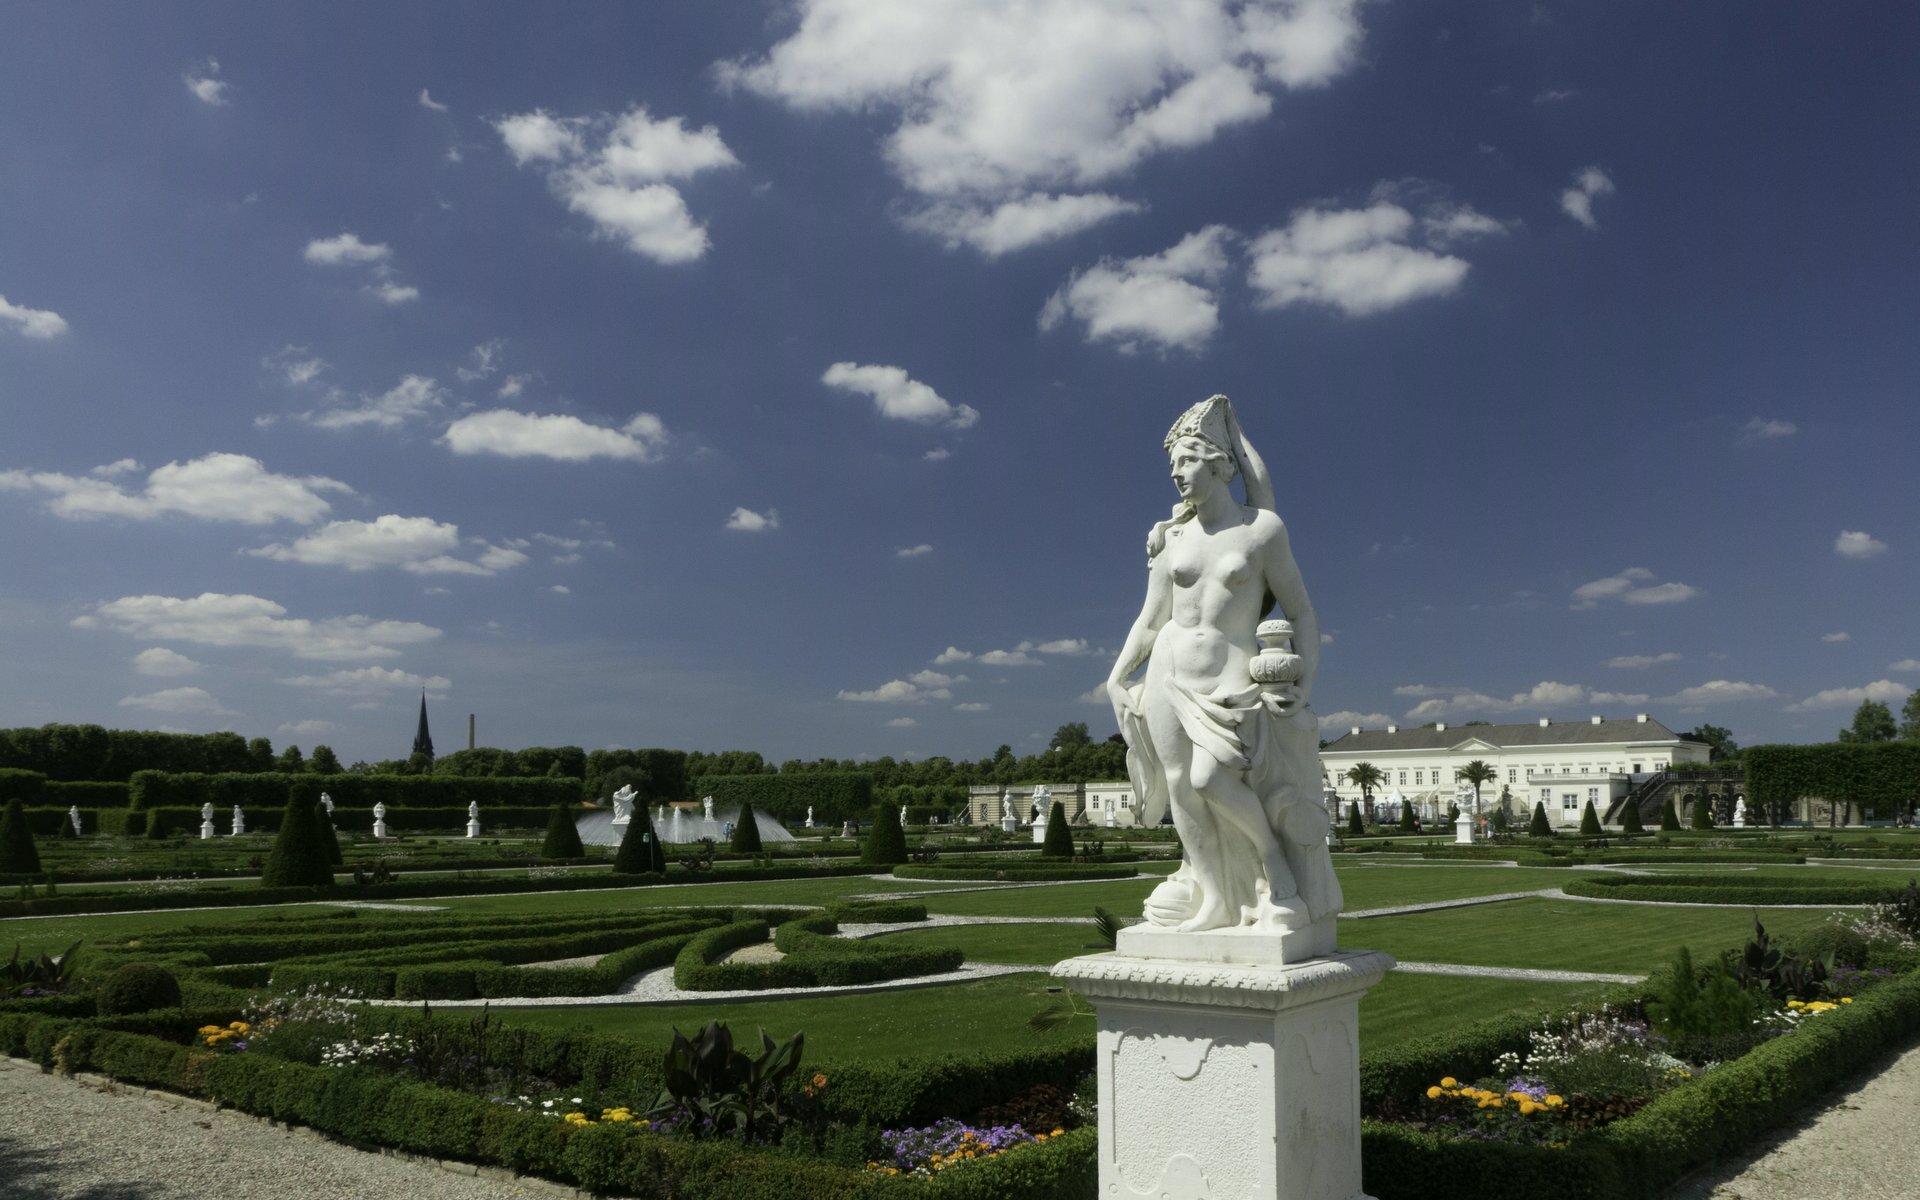 Asien als Allegorie im Parterre des Großen Gartens